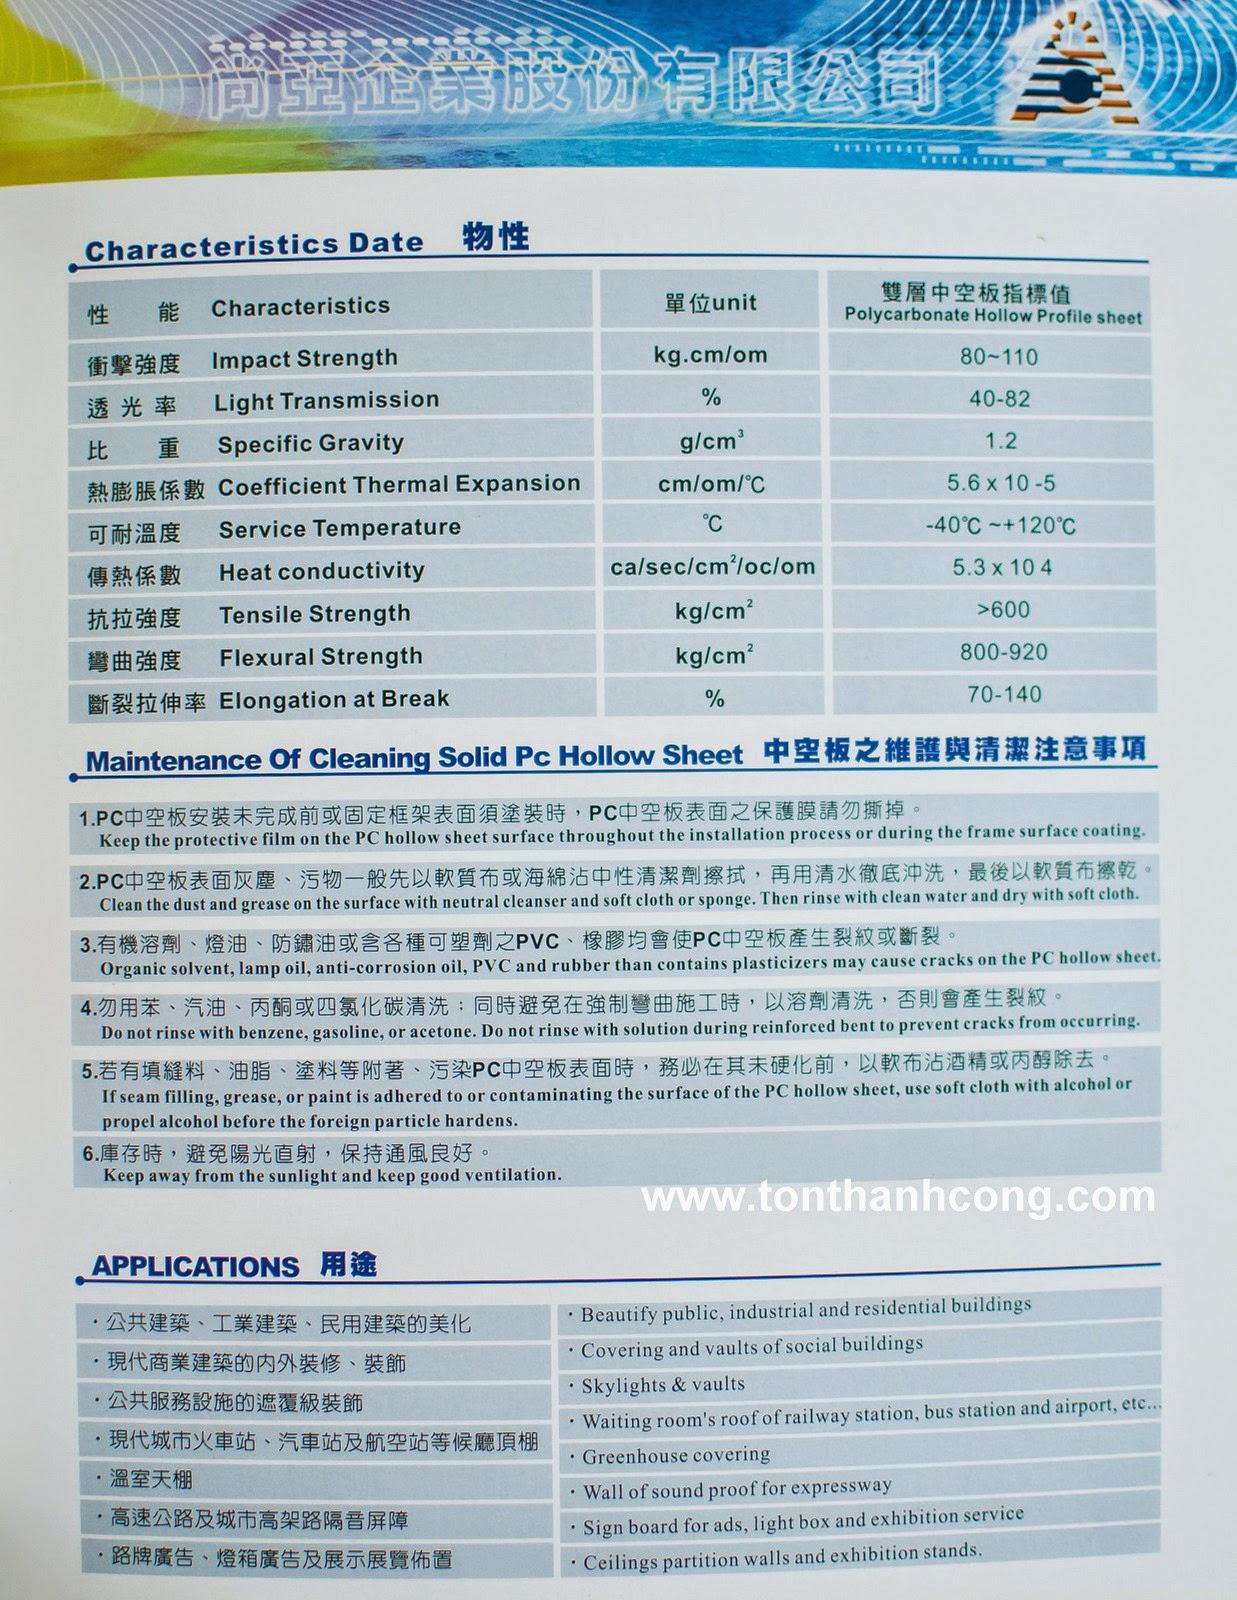 Tấm Lợp Lấy Sáng Polycarbonate Rỗng Ruột QueenLite - Trang 4